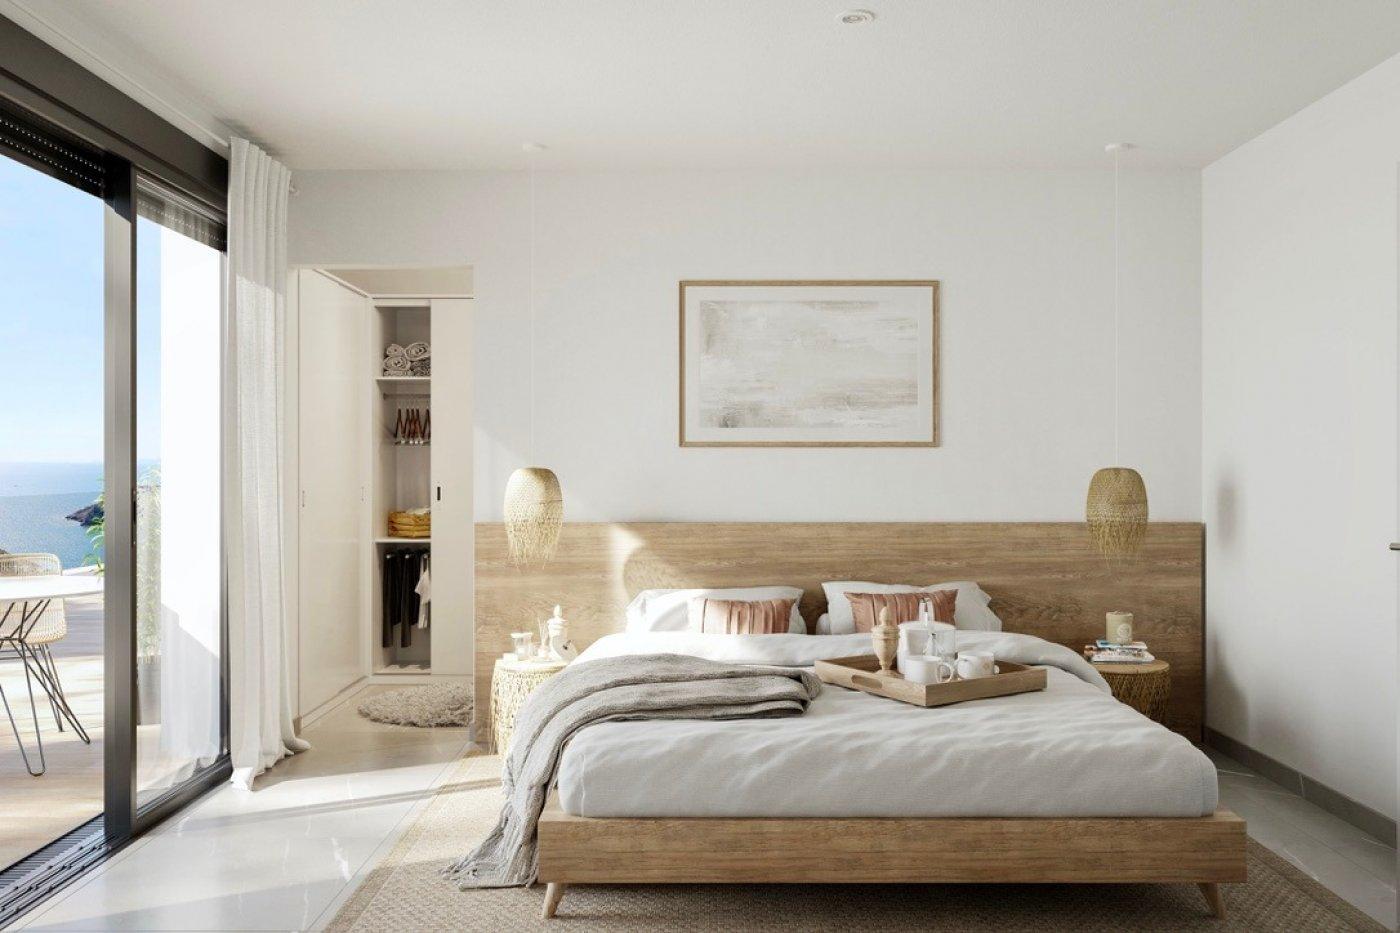 Galleribillede 22 of Exceptionel 2 etagers 4 vær luksus lejlighed, panorama udsigt, 58 m2 og 24 m2 solterrasser